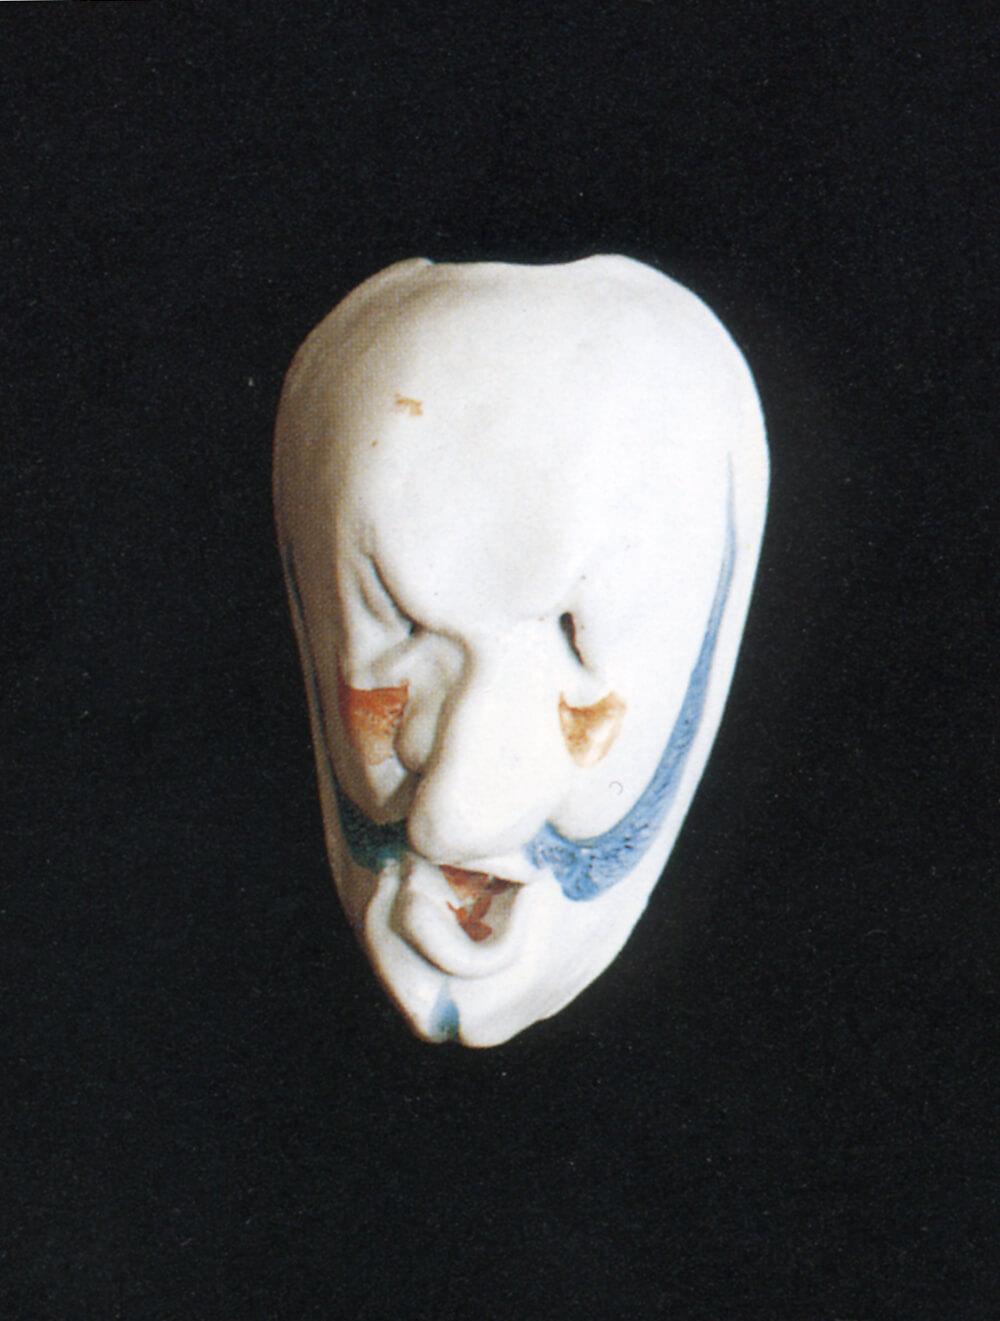 2006年3月23日から開催の「没後20年 河本 五郎 展」の作品画像2